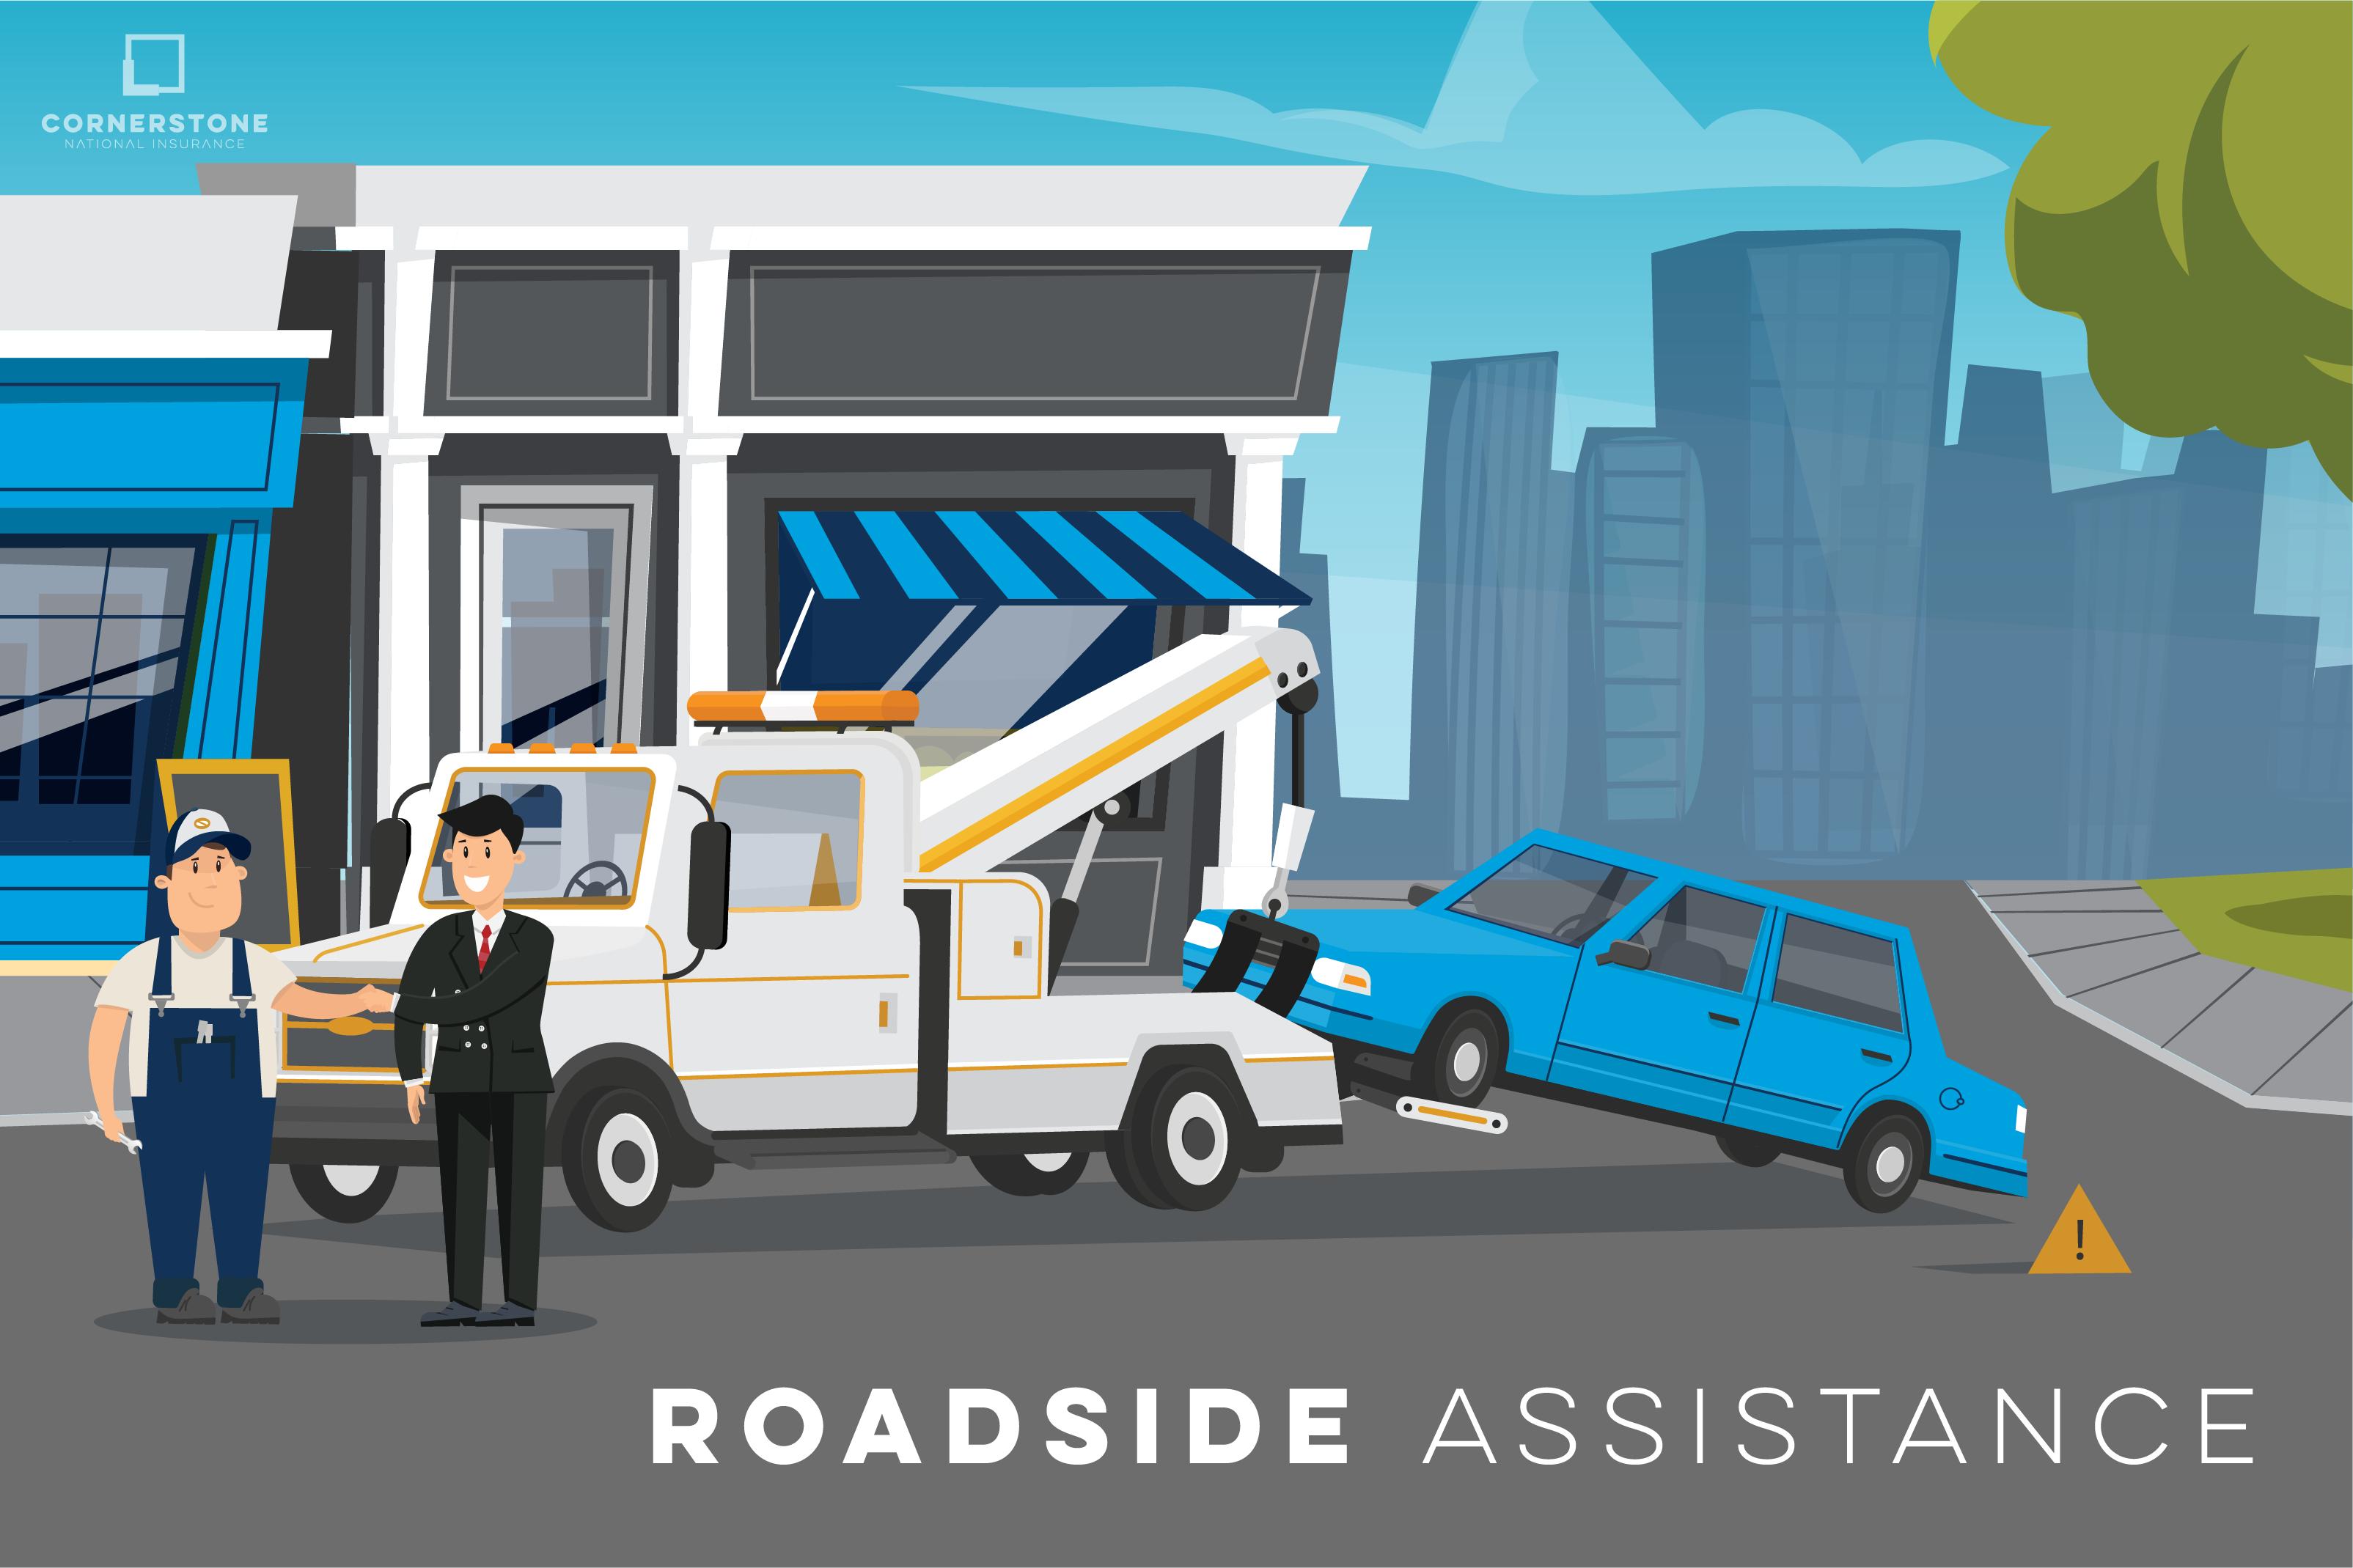 5. CNI_Roadside_Blog_Title